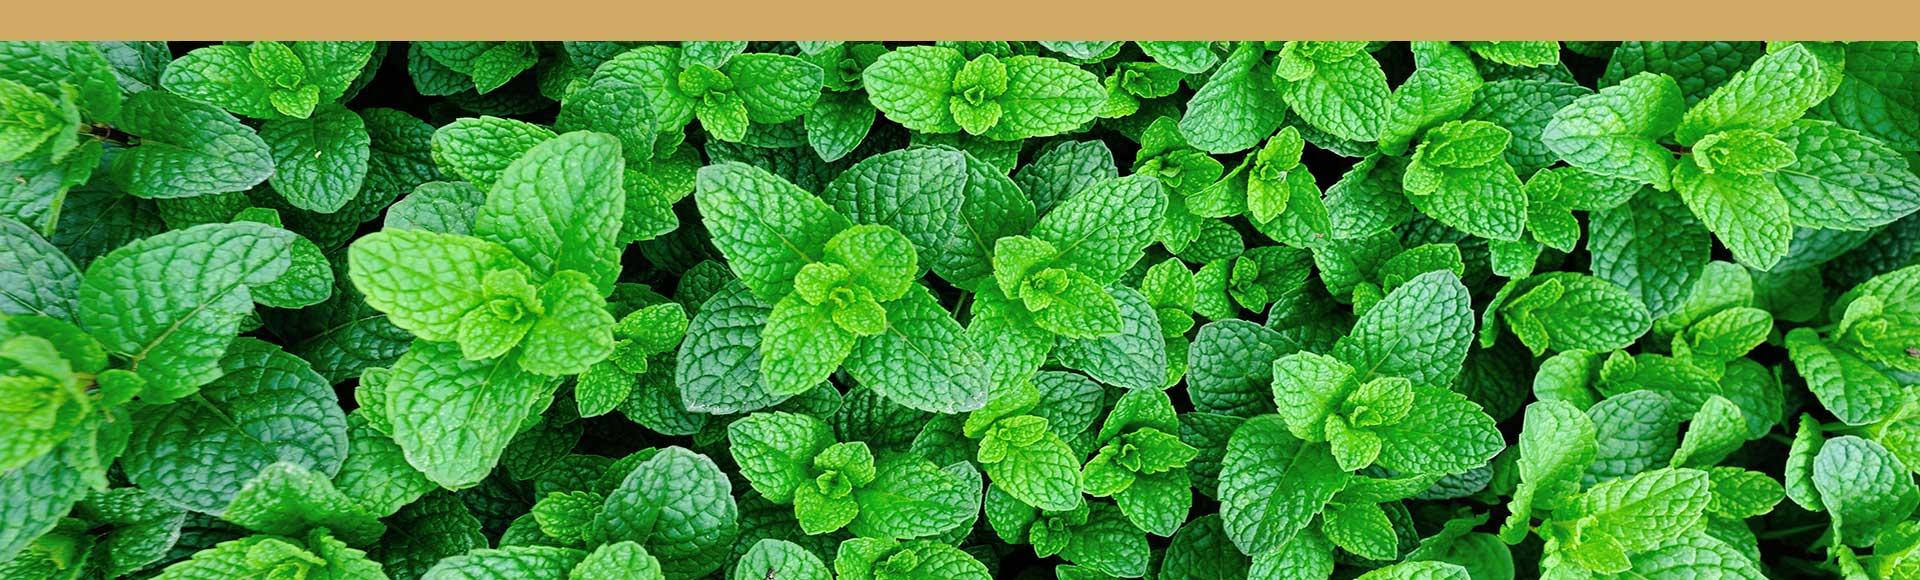 planta de herbabuena